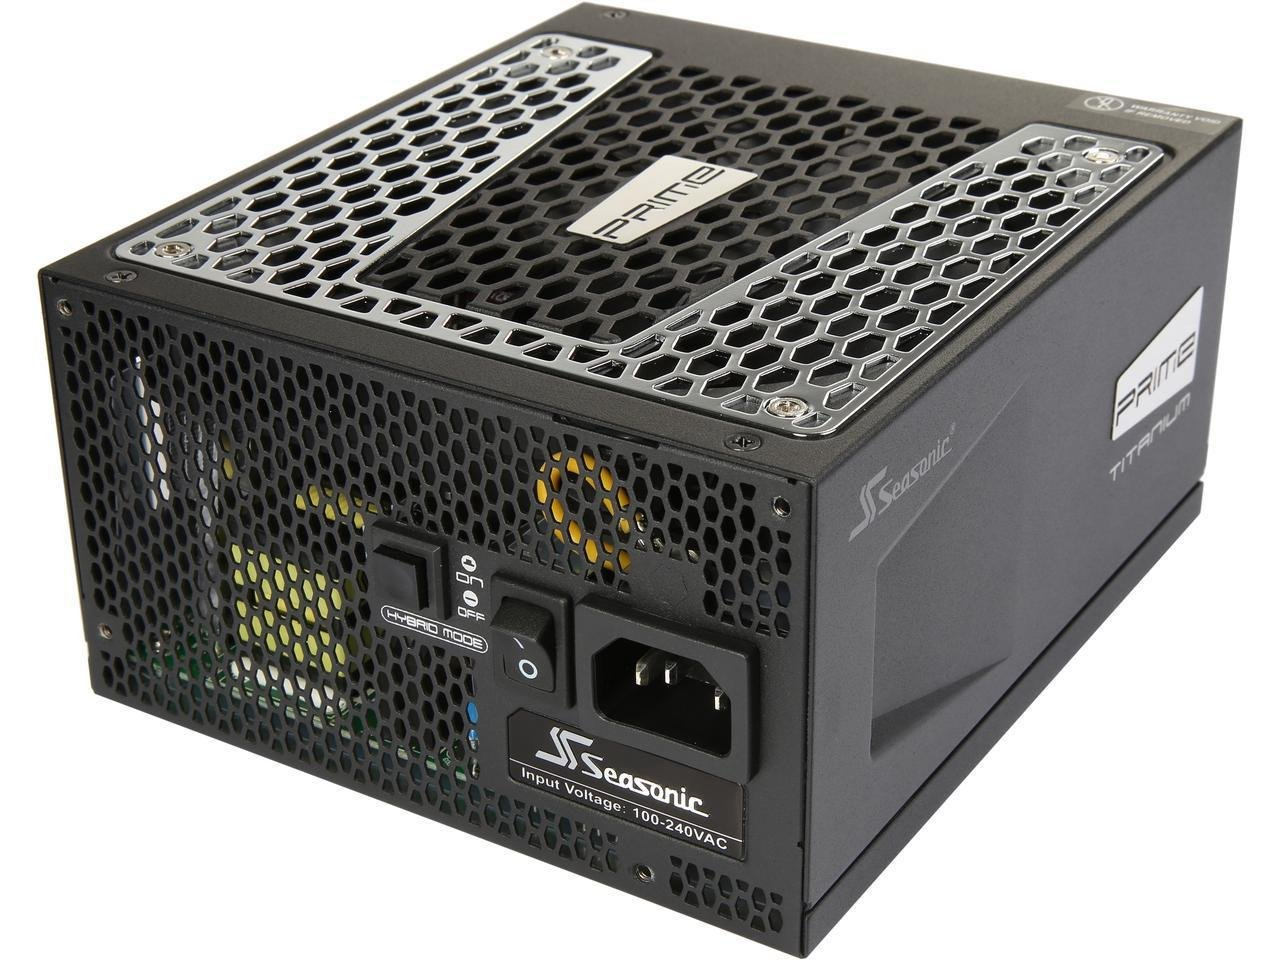 Seasonic PRIME Ultra 750W 80 PLUS Titanium Power Supply, Full Modular, 135mm FDB Fan w/Hybrid Fan Control, ATX12V & EPS12V, Poweron-Self Tester,- 12 yr Warranty SSR-750TR